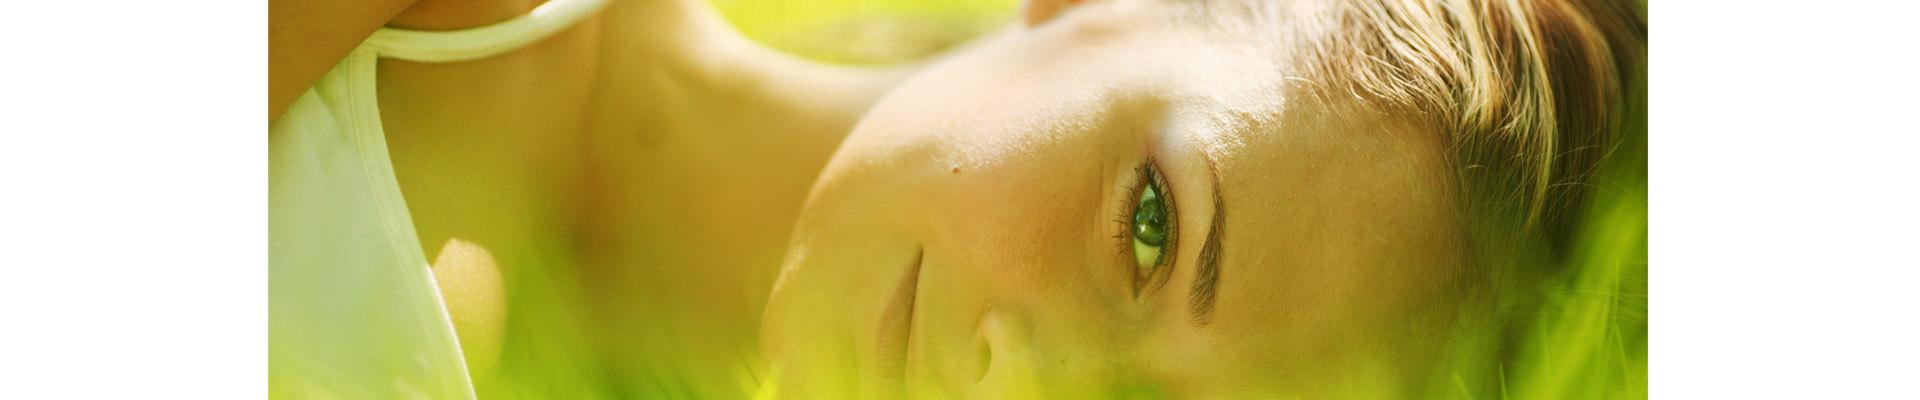 et dilatorsæt kan hjælpe mod smerter i underlivet